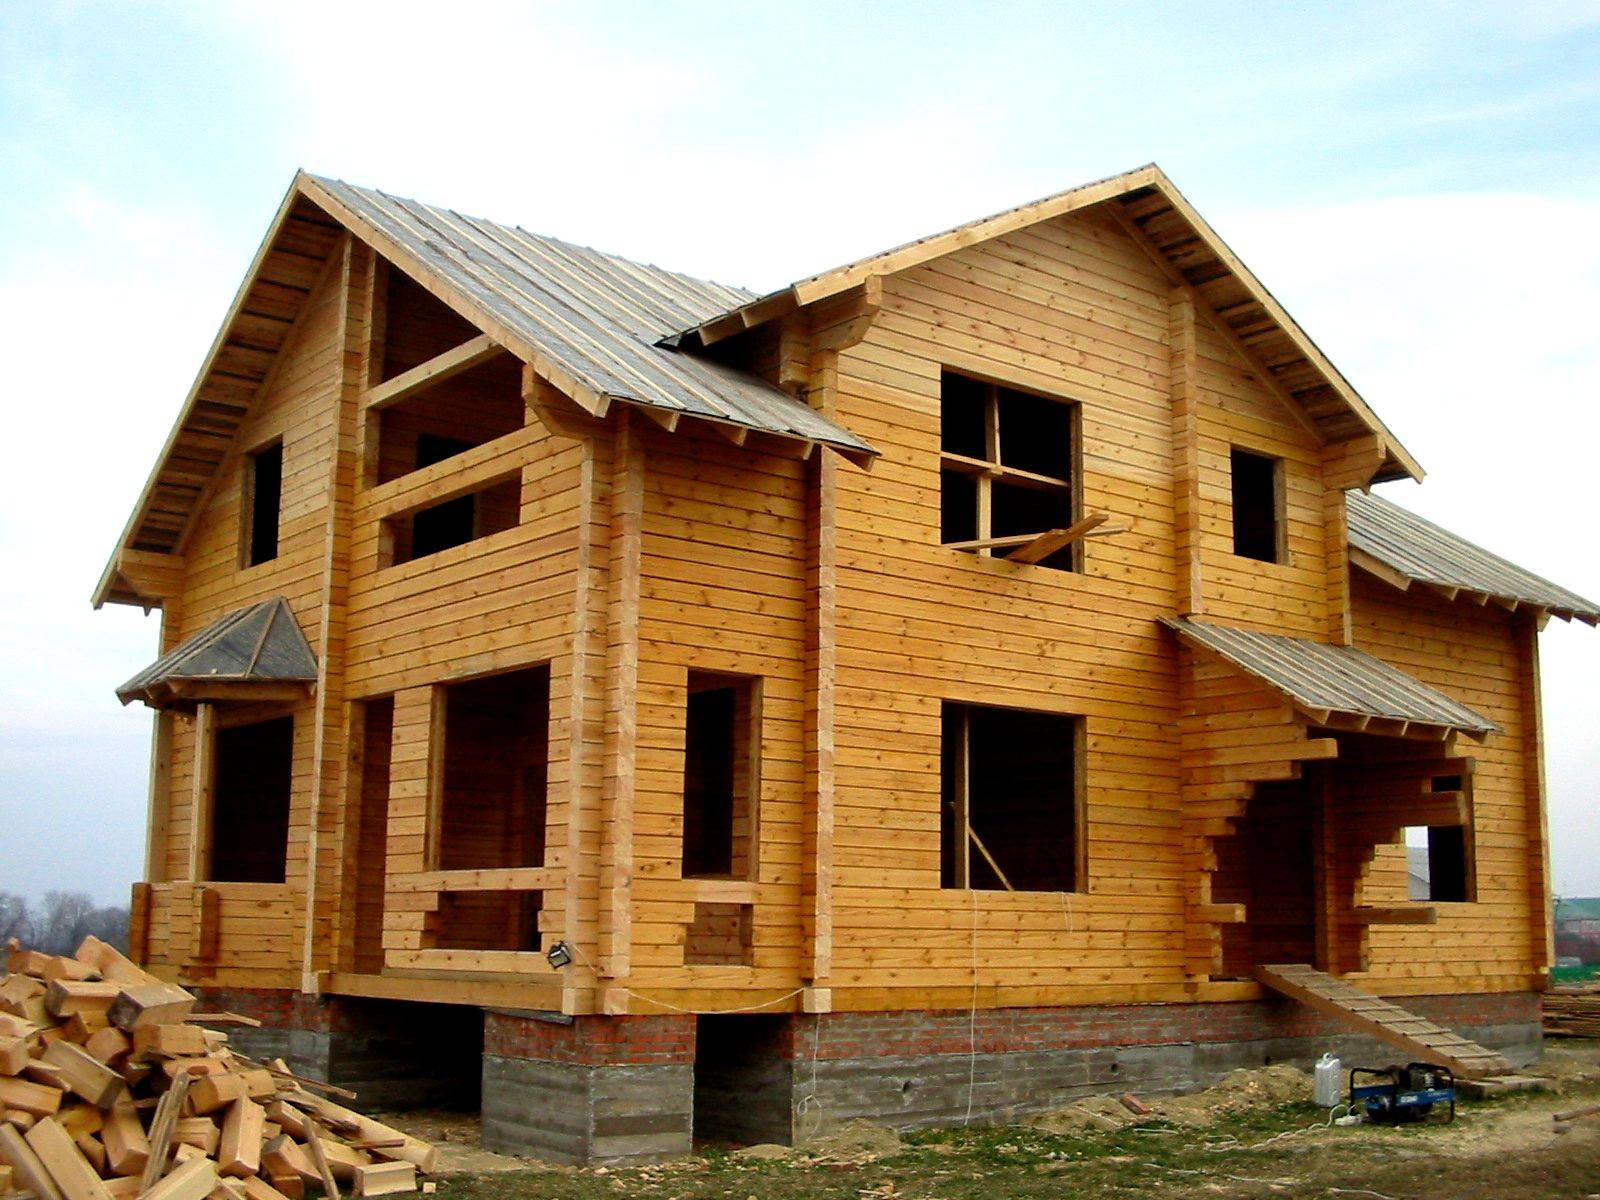 Современные дома из профилированного бруса: проектирование, расчет бруса на дом. пошаговая инструкция, как построить дом своими руками